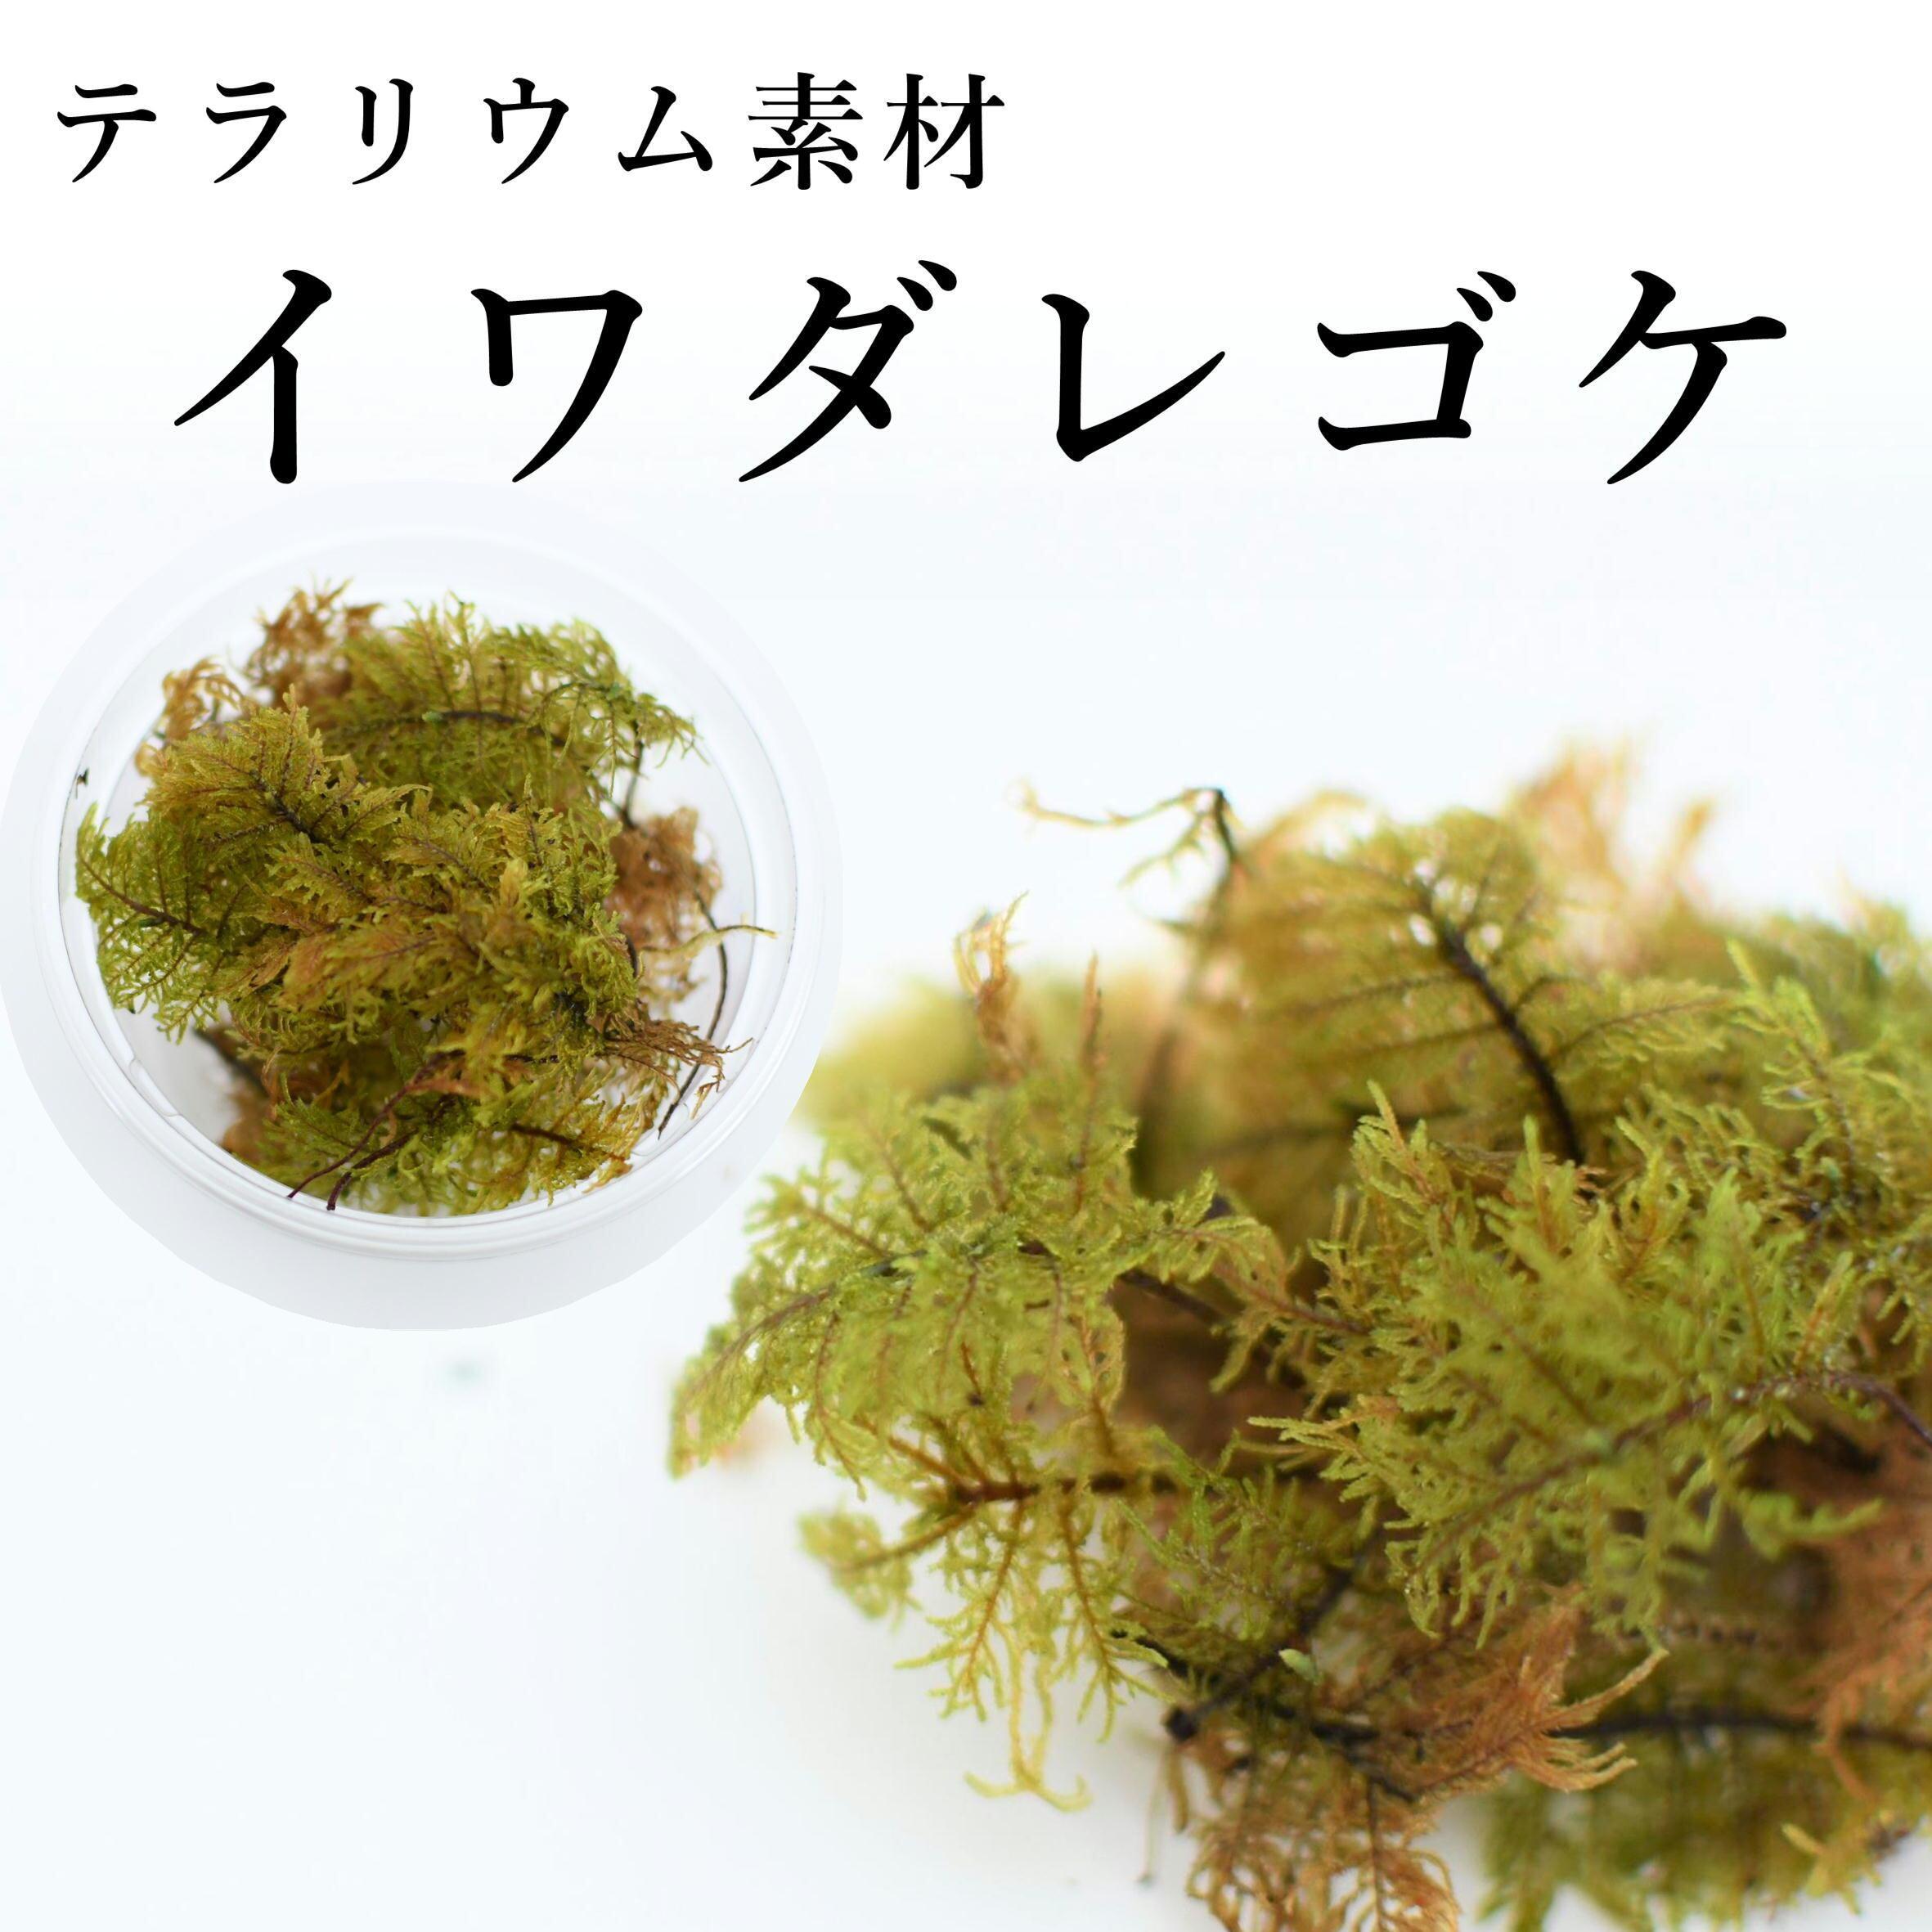 イワダレゴケ 苔テラリウム作製用素材苔